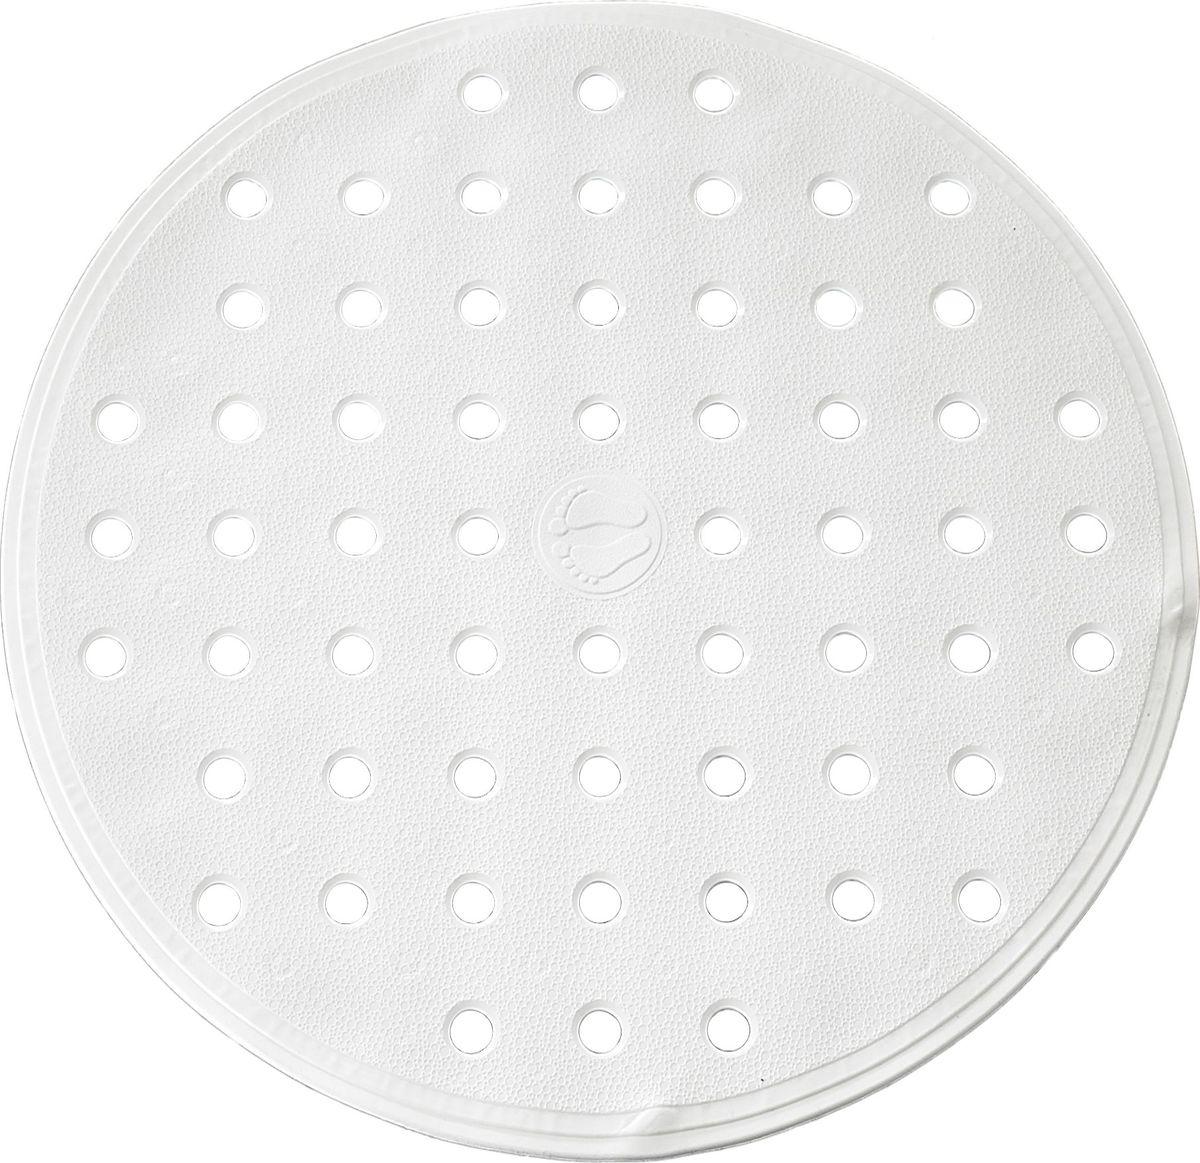 """Коврик для ванной Ridder """"Action"""", изготовленный из каучука с защитой от плесени и грибка, создает комфортное антискользящее покрытие в ванне. Крепится к поверхности при помощи присосок. Изделие удобно в использовании и легко моется теплой водой.   Диаметр: 53 см."""